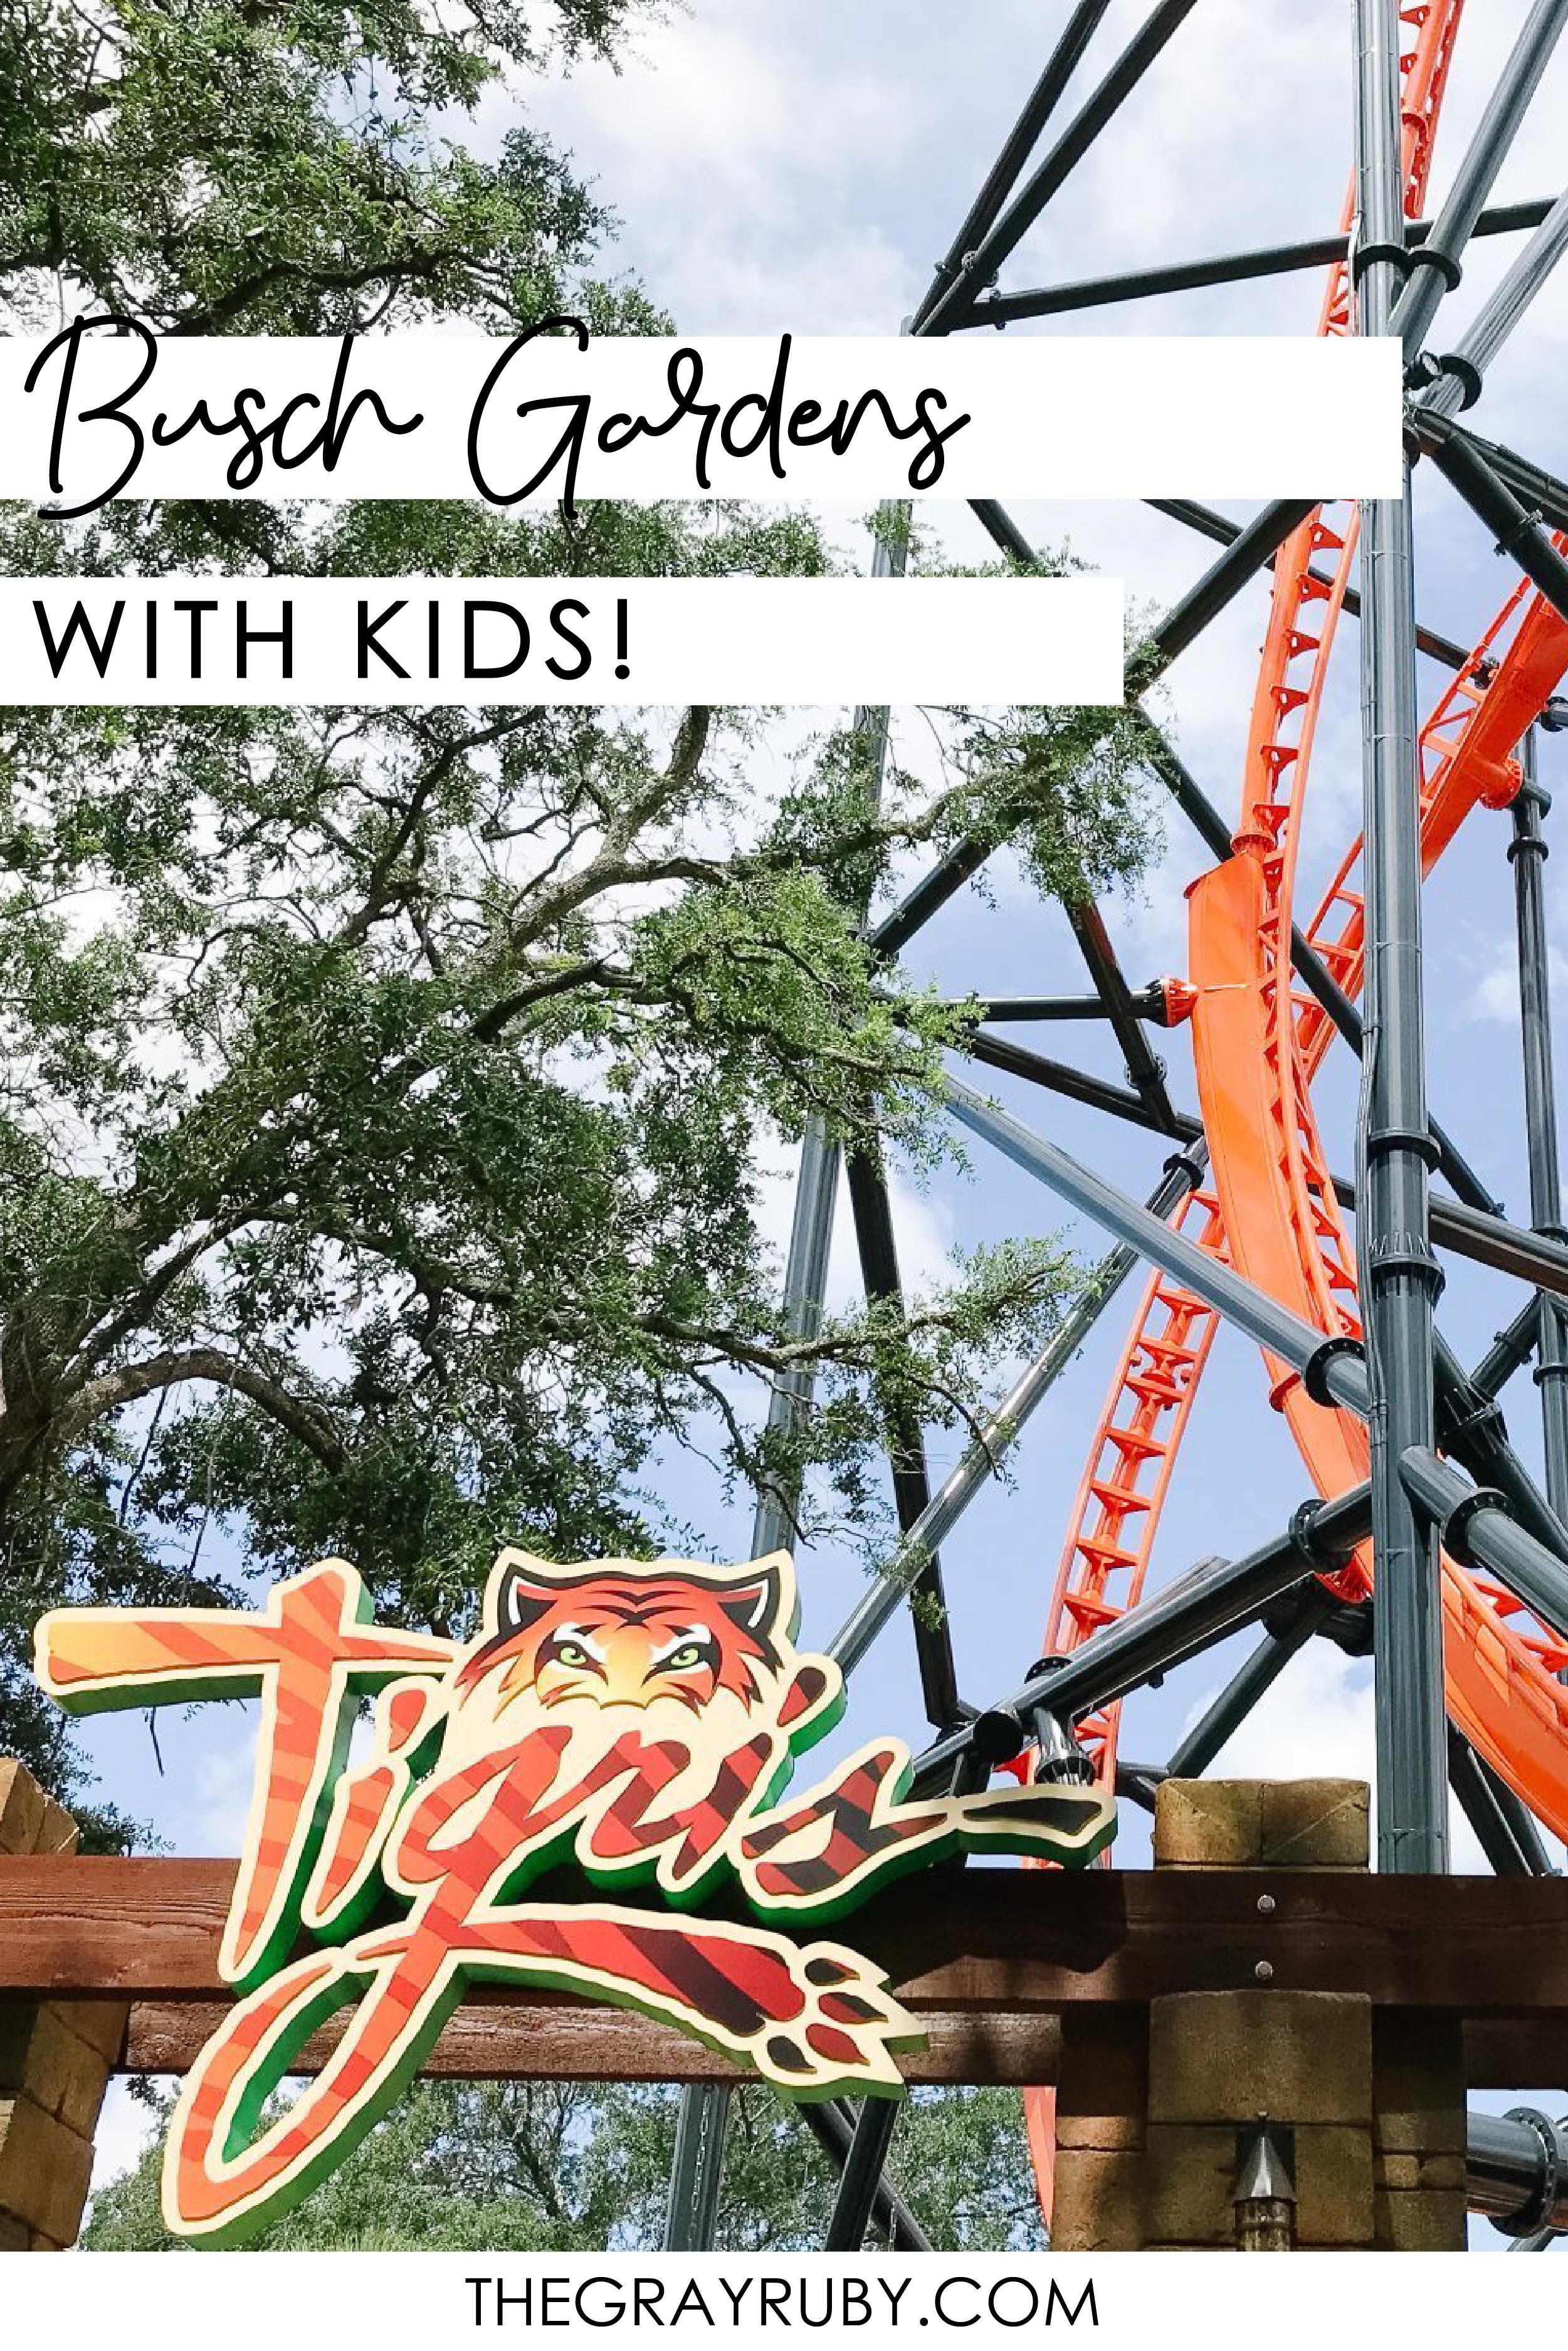 Busch Garden with kids in 2020 Busch gardens, Gardening